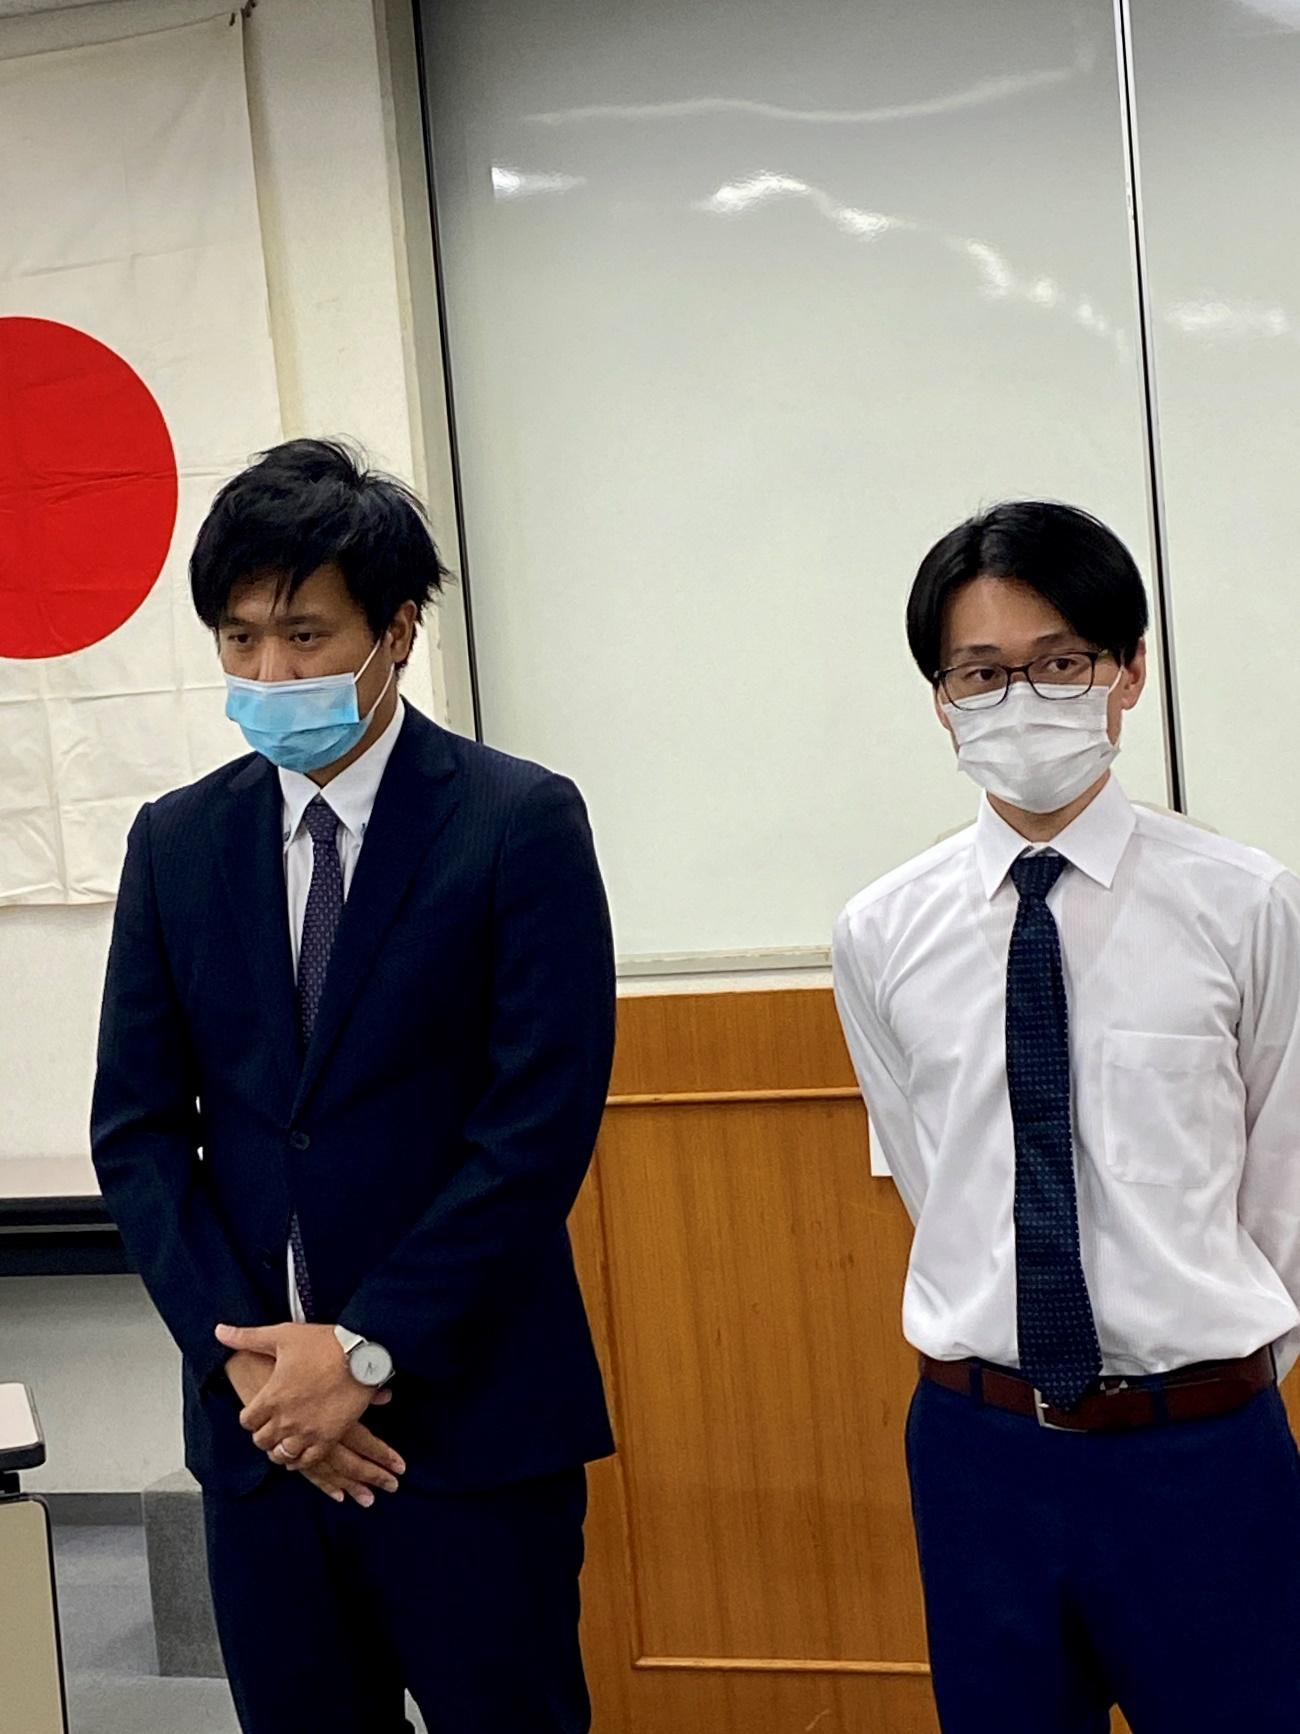 新入会員 小川さんと増渕さん今後ともよろしくお願いいたします。